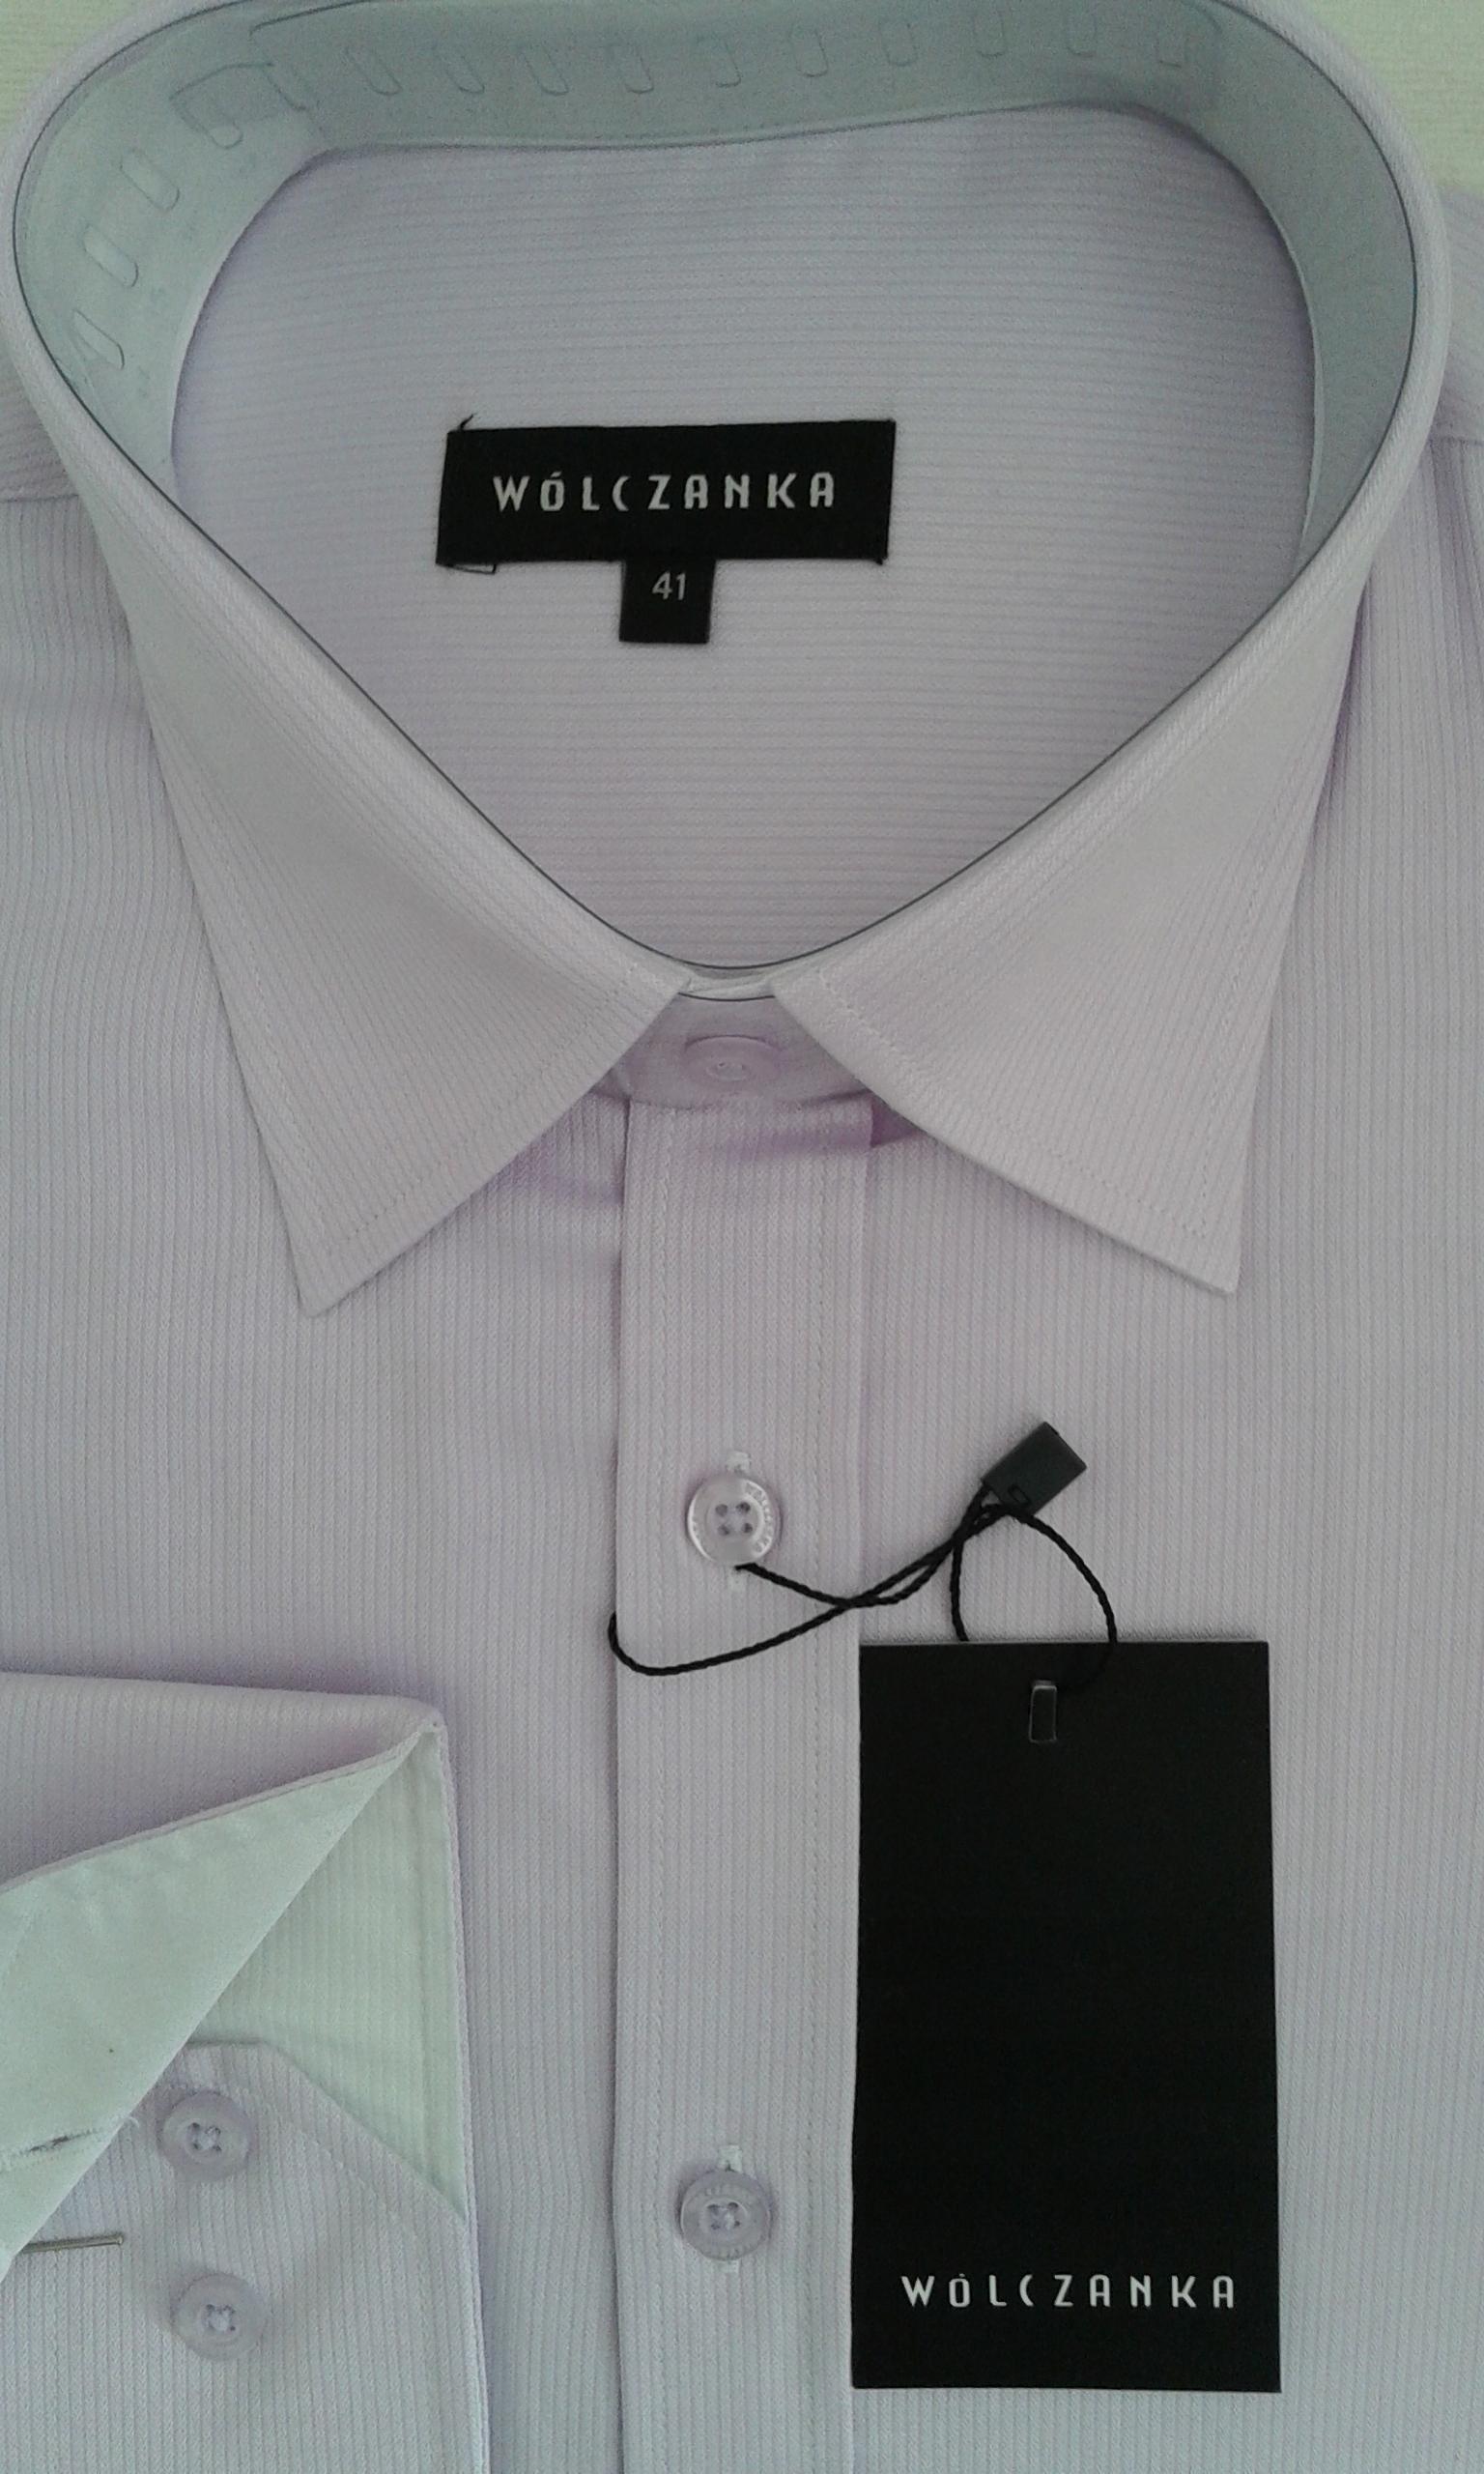 Koszula męska Wólczanka 41 188194, Reg. dł.rękaw 8482913807  Ec0LW